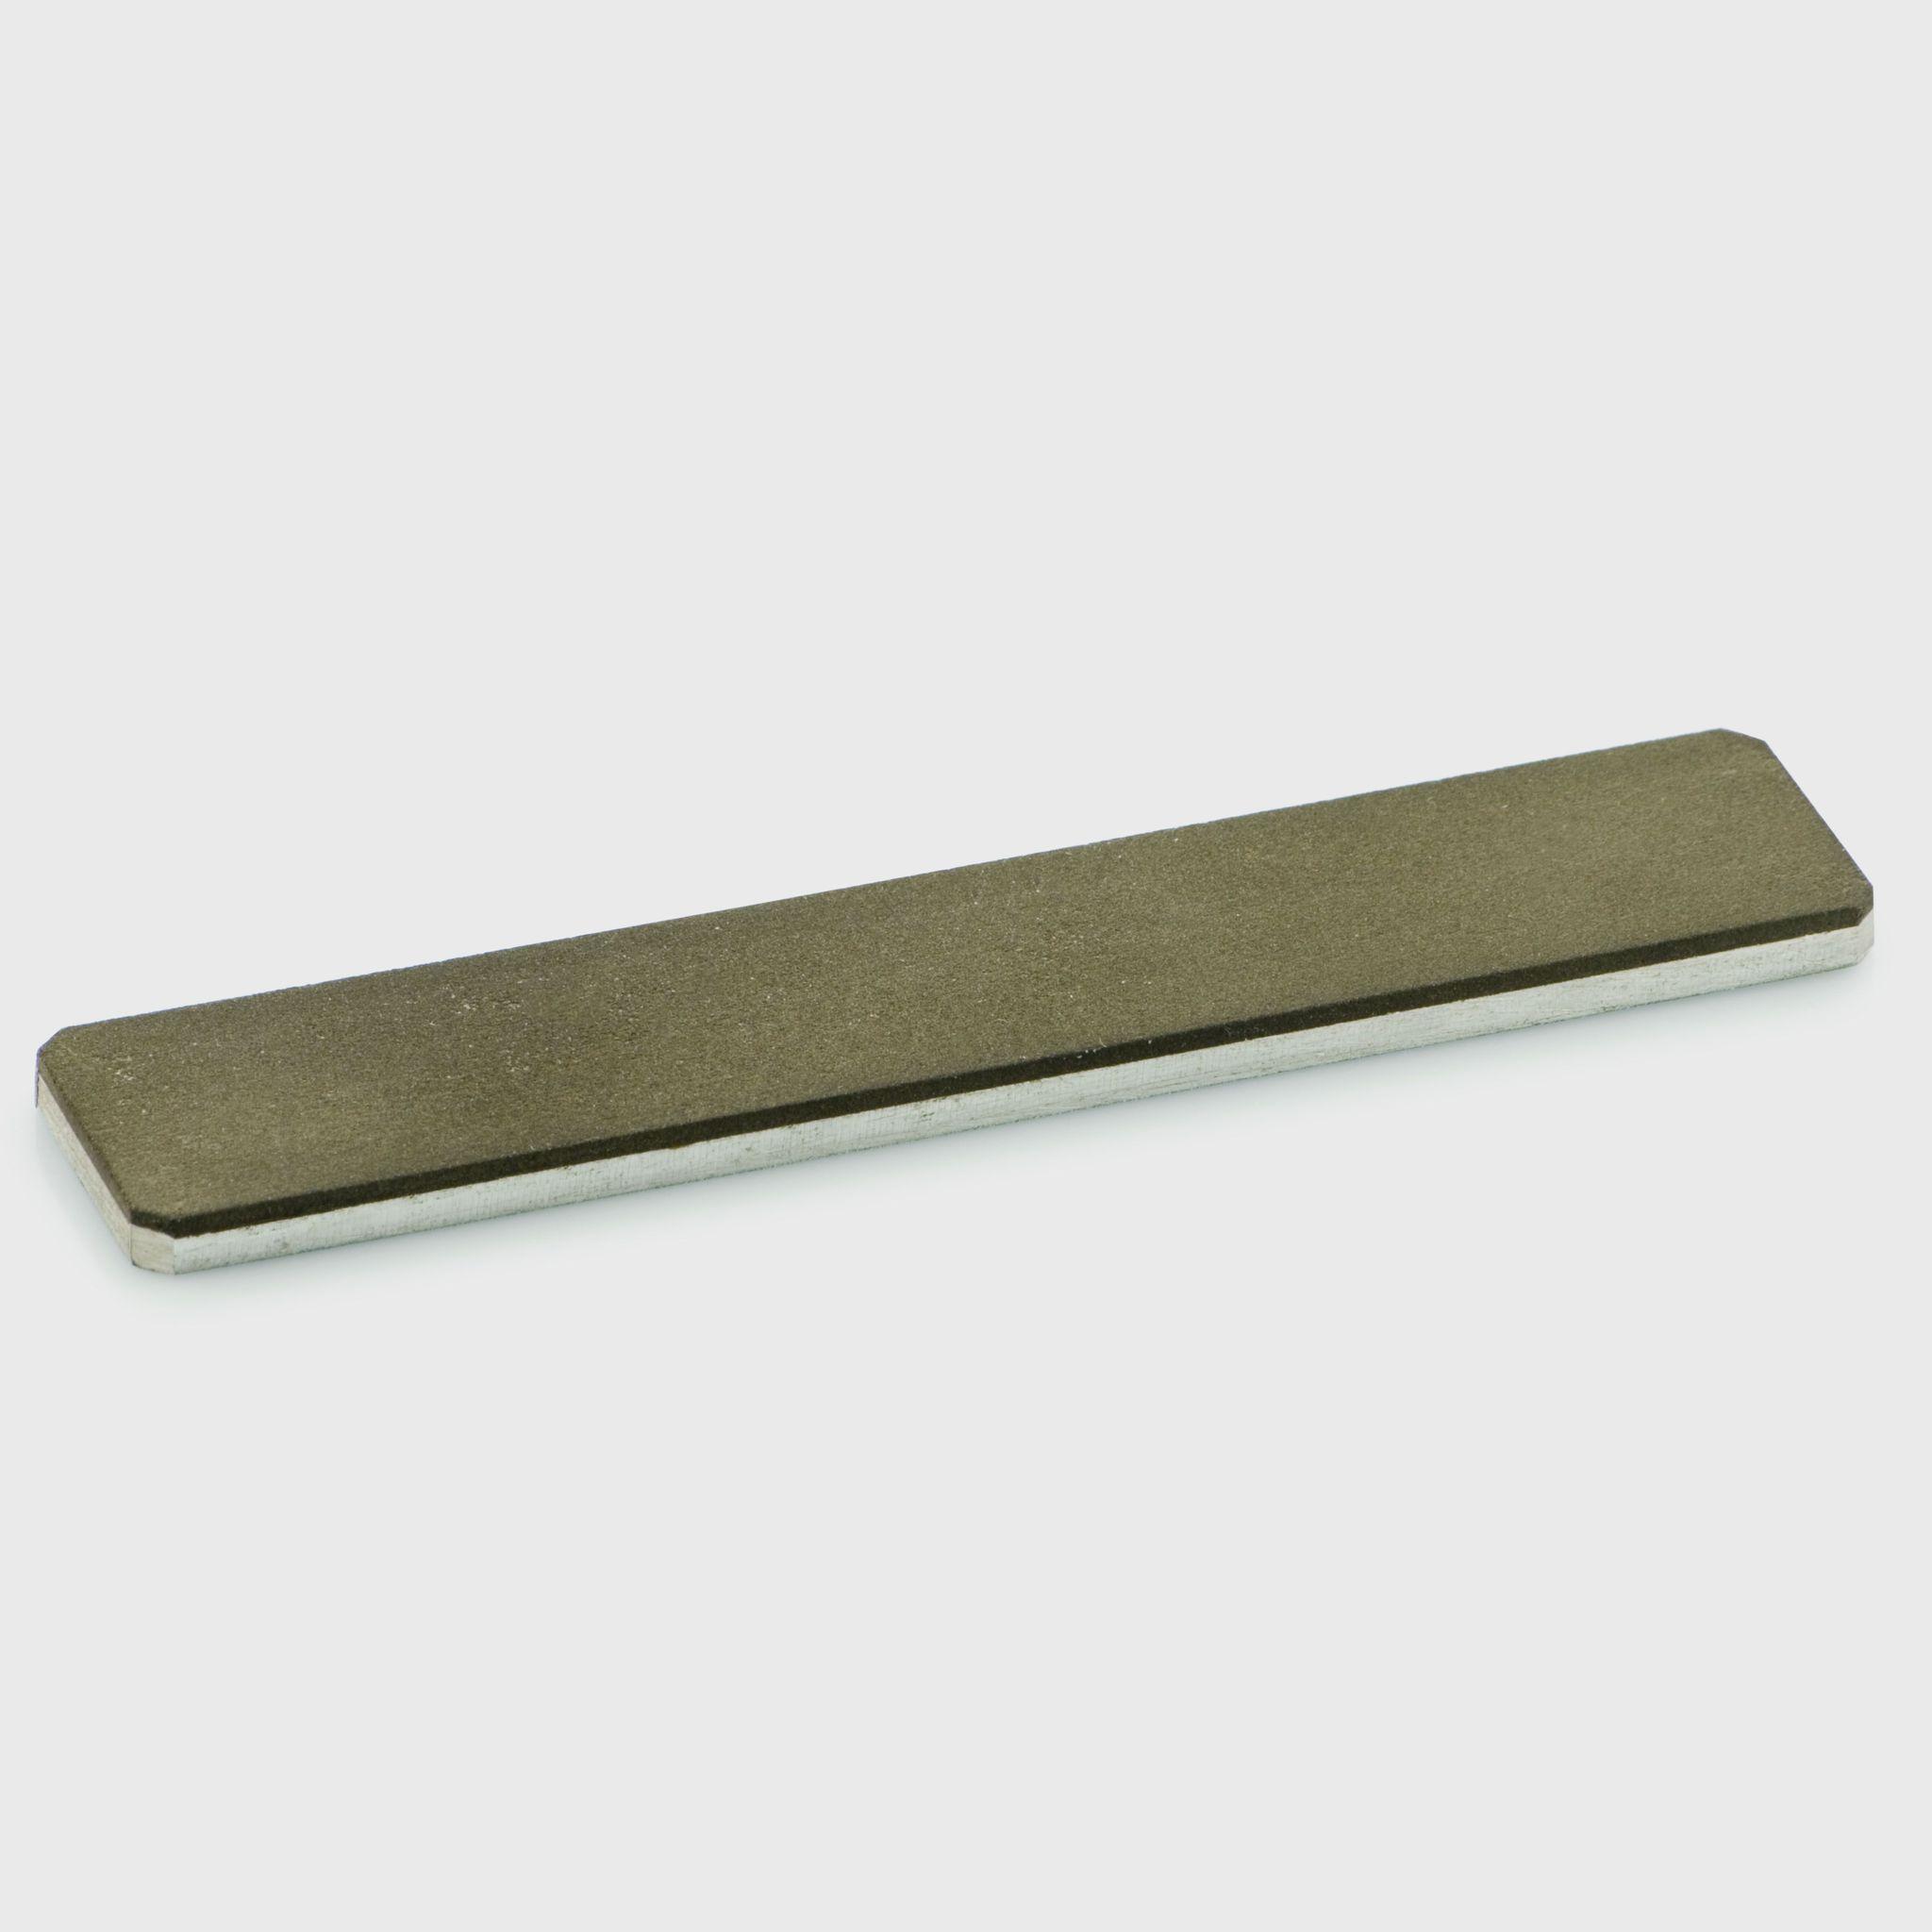 Каталог Алмазный брусок 110х23х4 100/80 100% 110х24_1а.jpg